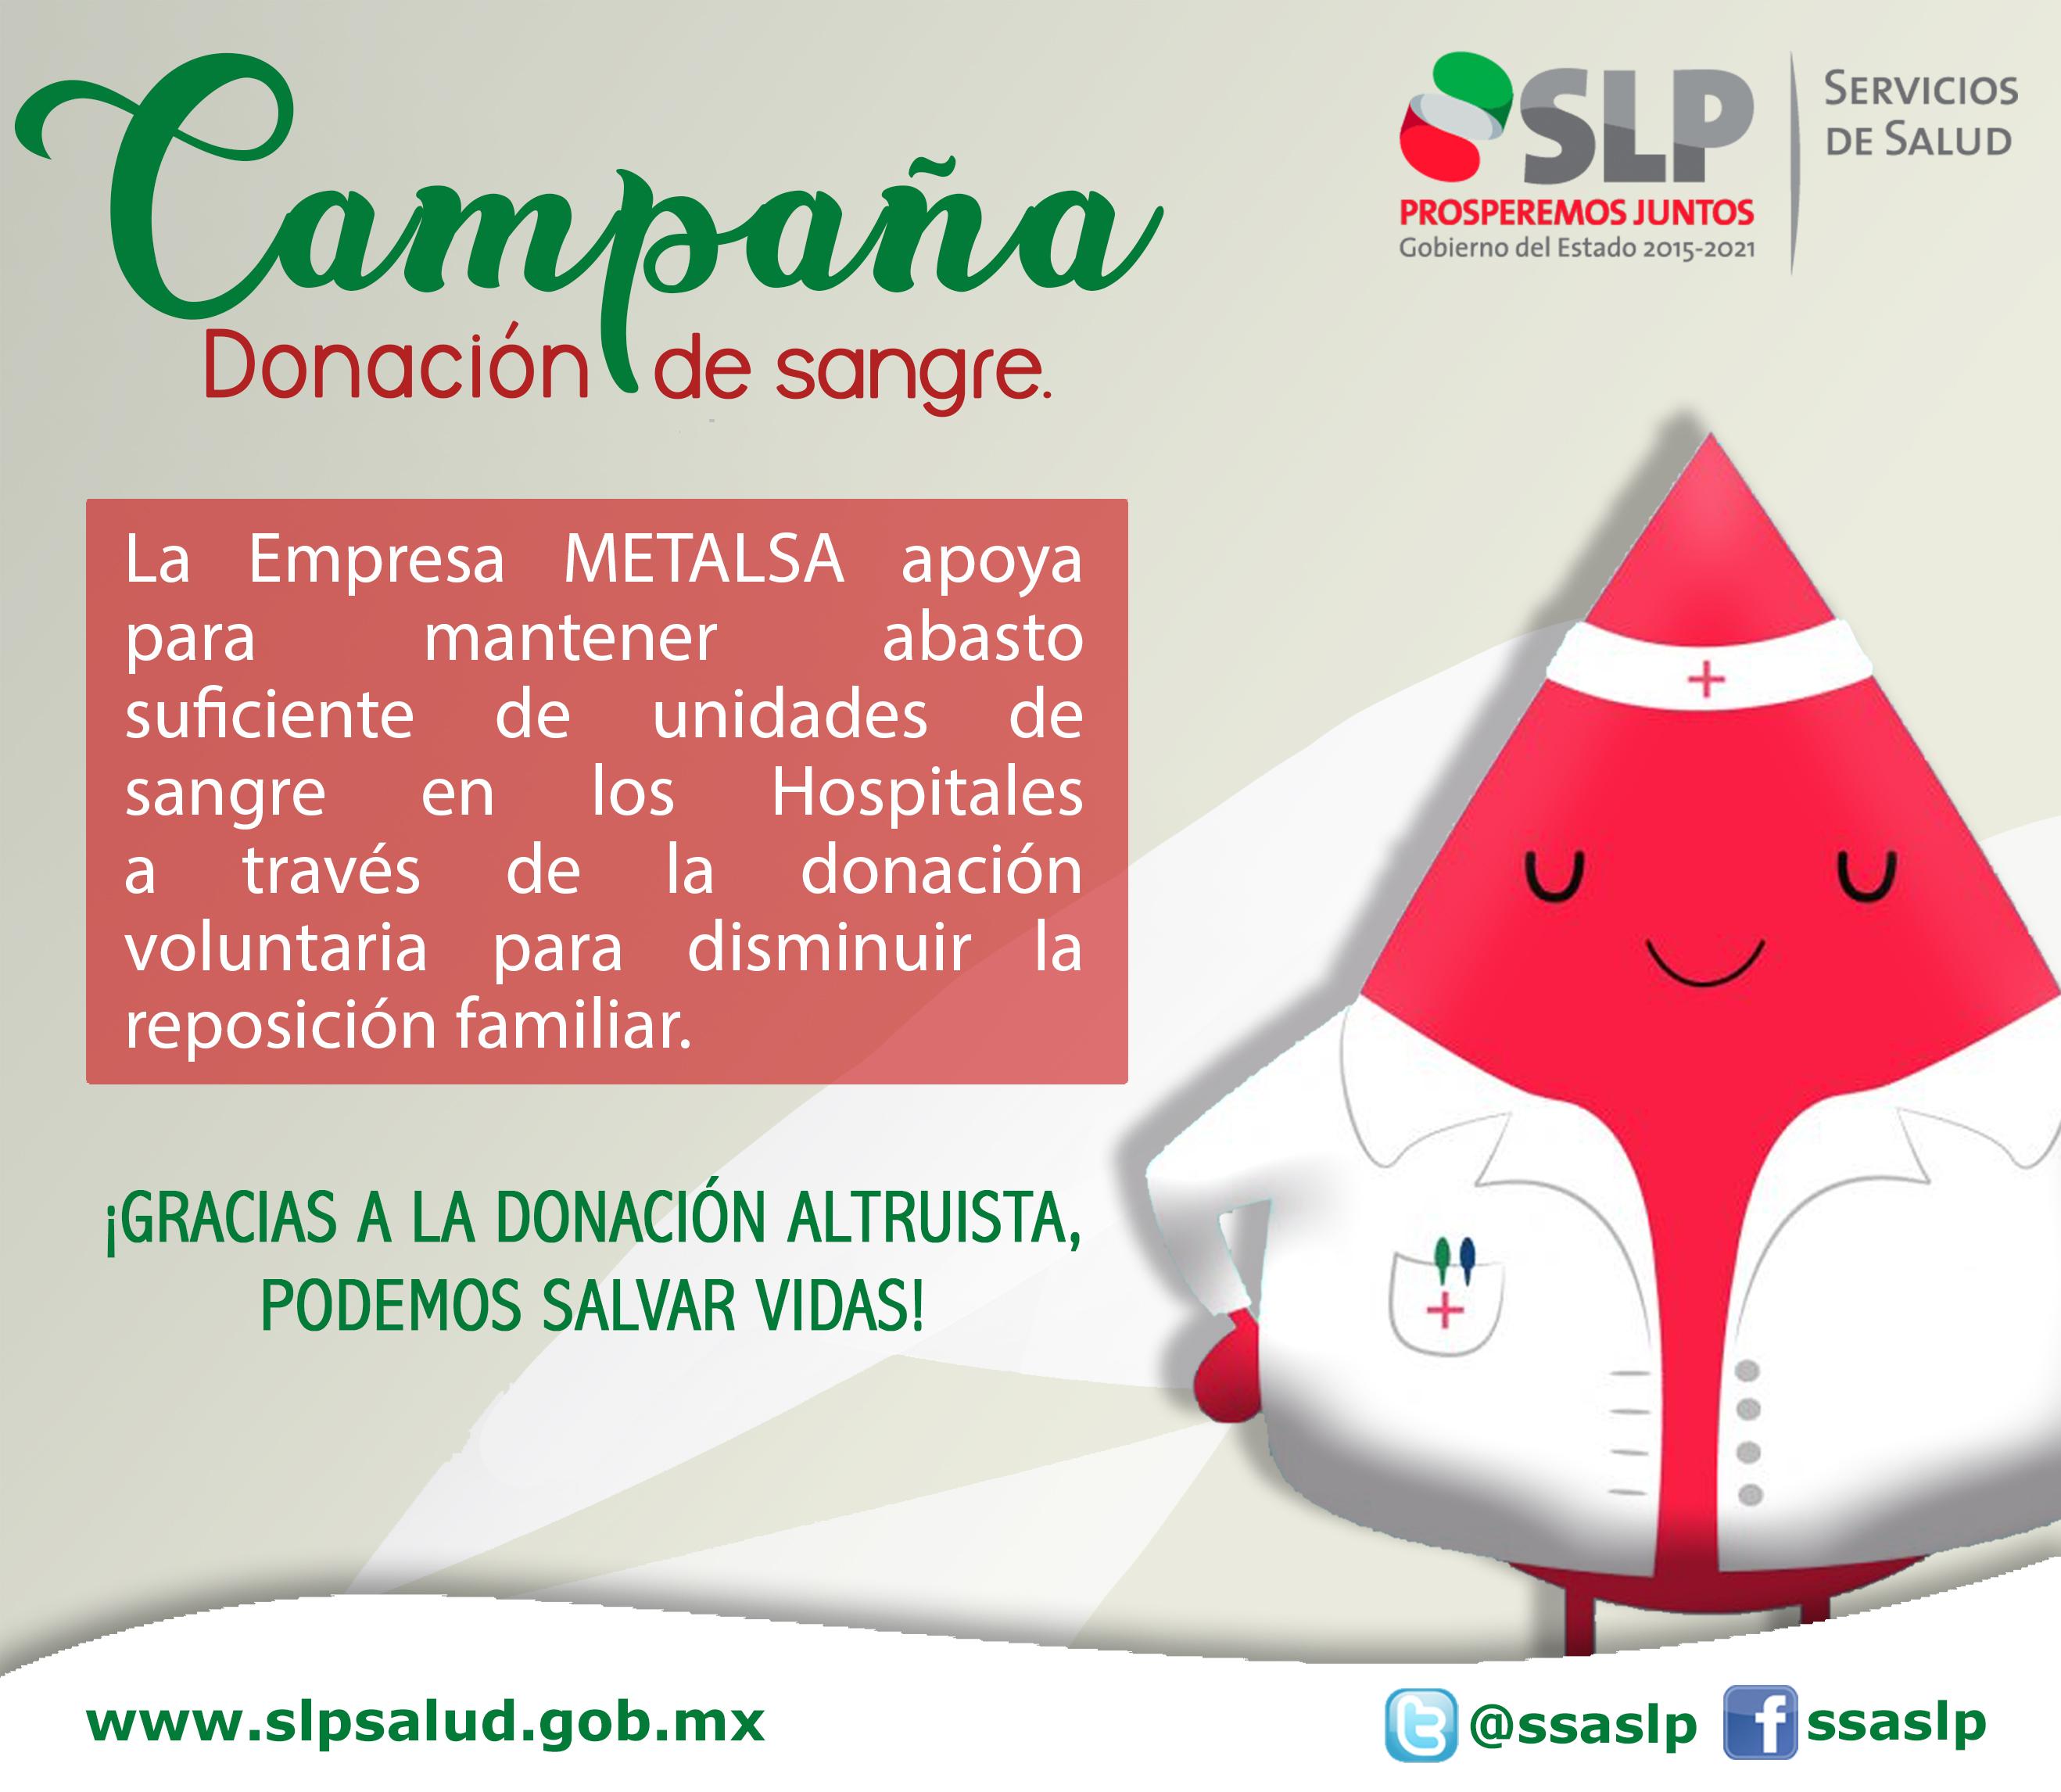 CON ÉXITO SE REALIZA LA CAMPAÑA DE DONACIÓN VOLUNTARIA DE SANGRE EN LA EMPRESA METALSA.